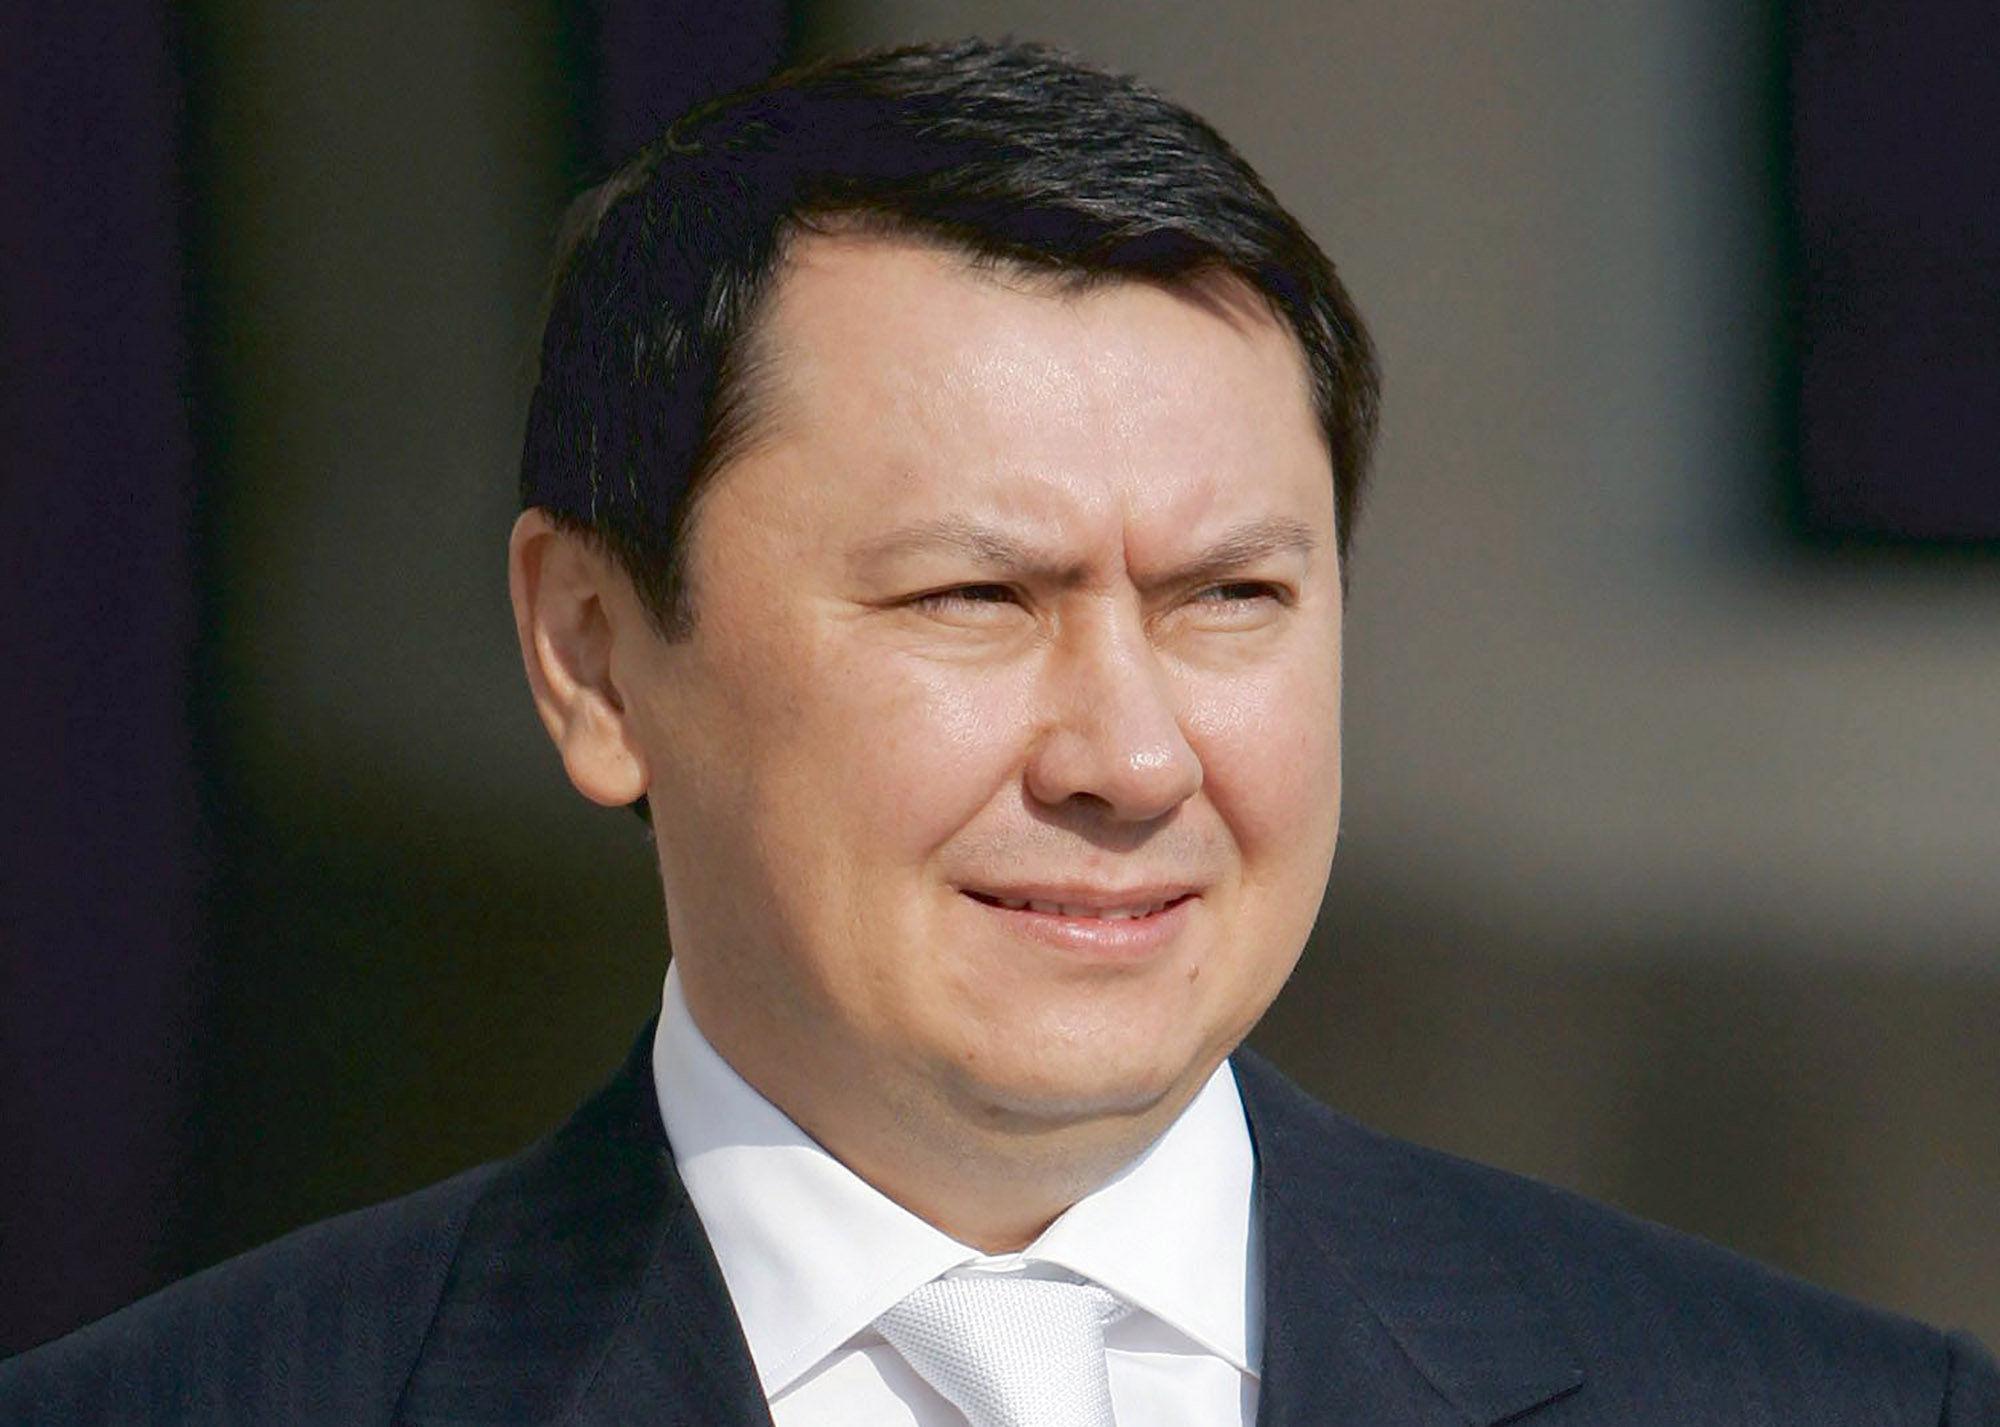 Бывший казахстанский чиновник и дипломат Рахат Алиев во время рабочего визита